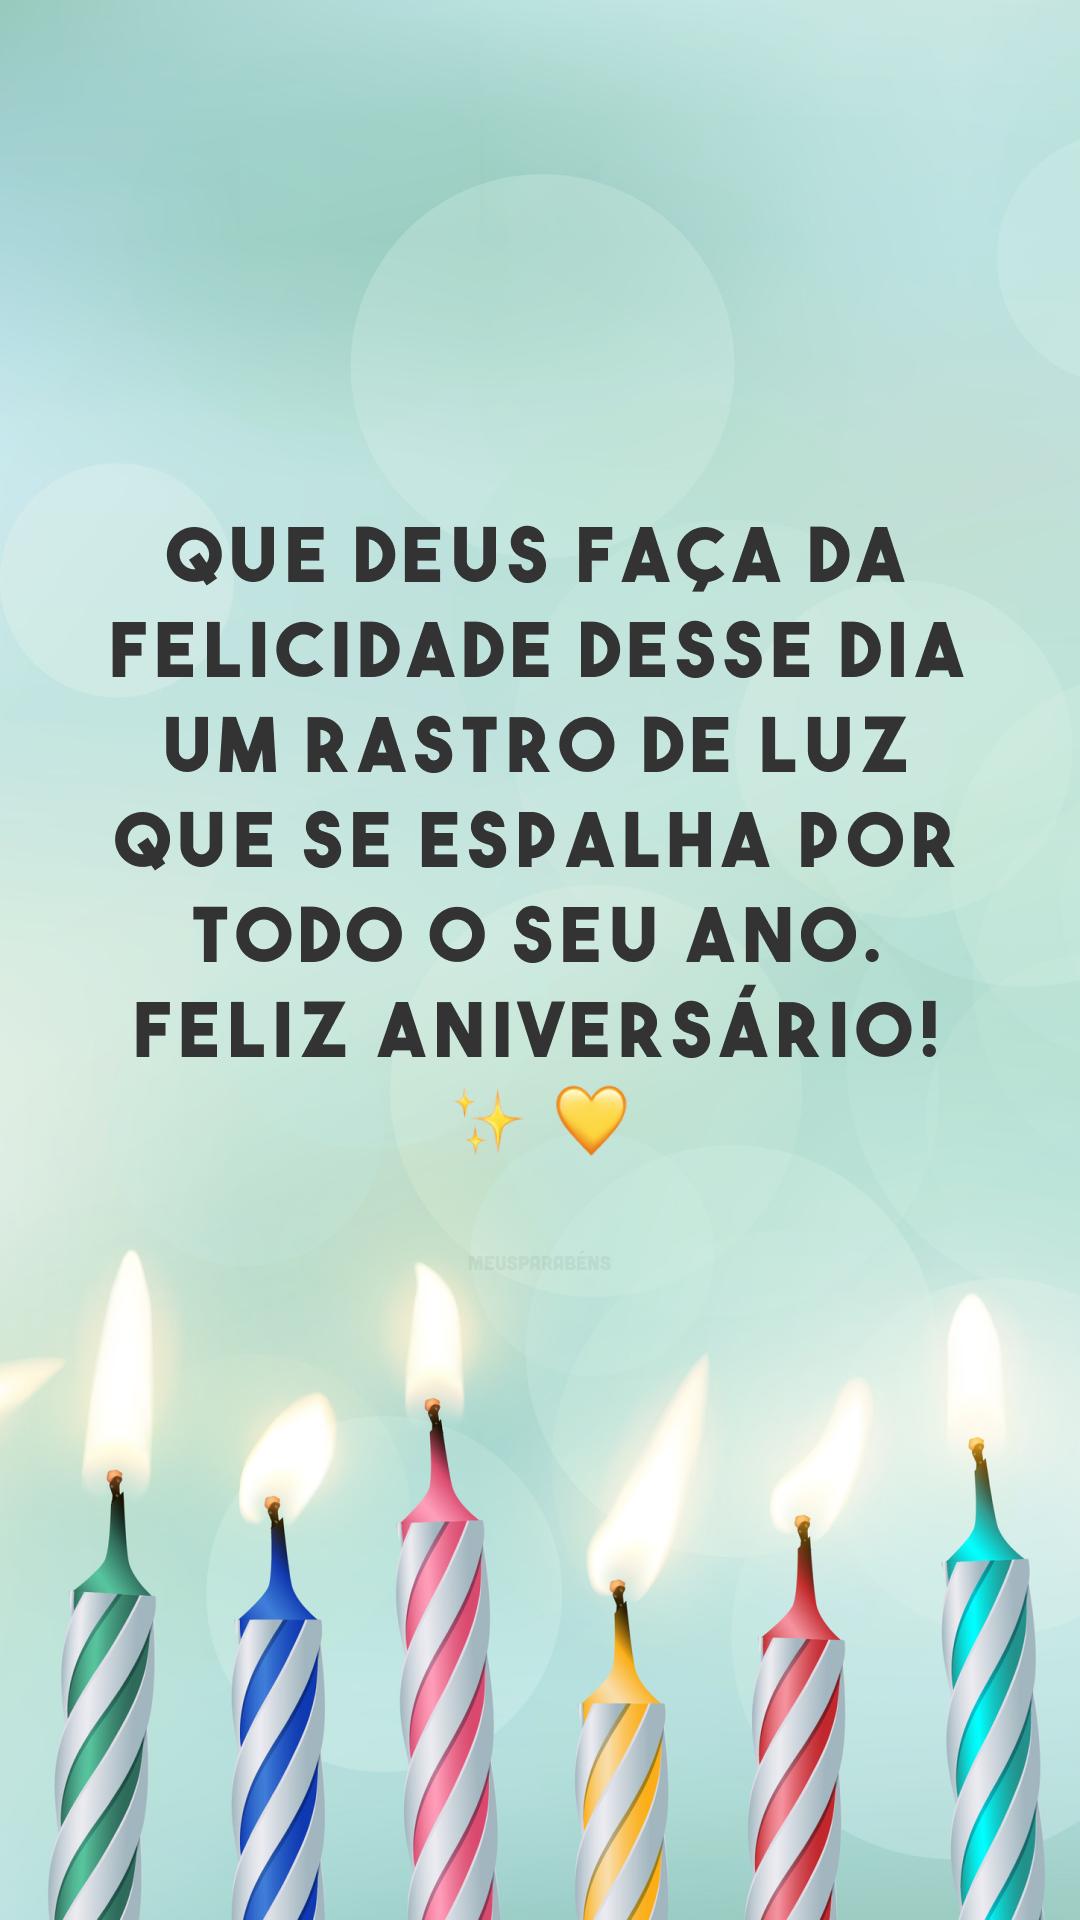 Que Deus faça da felicidade desse dia um rastro de luz que se espalha por todo o seu ano. Feliz aniversário! ✨ 💛